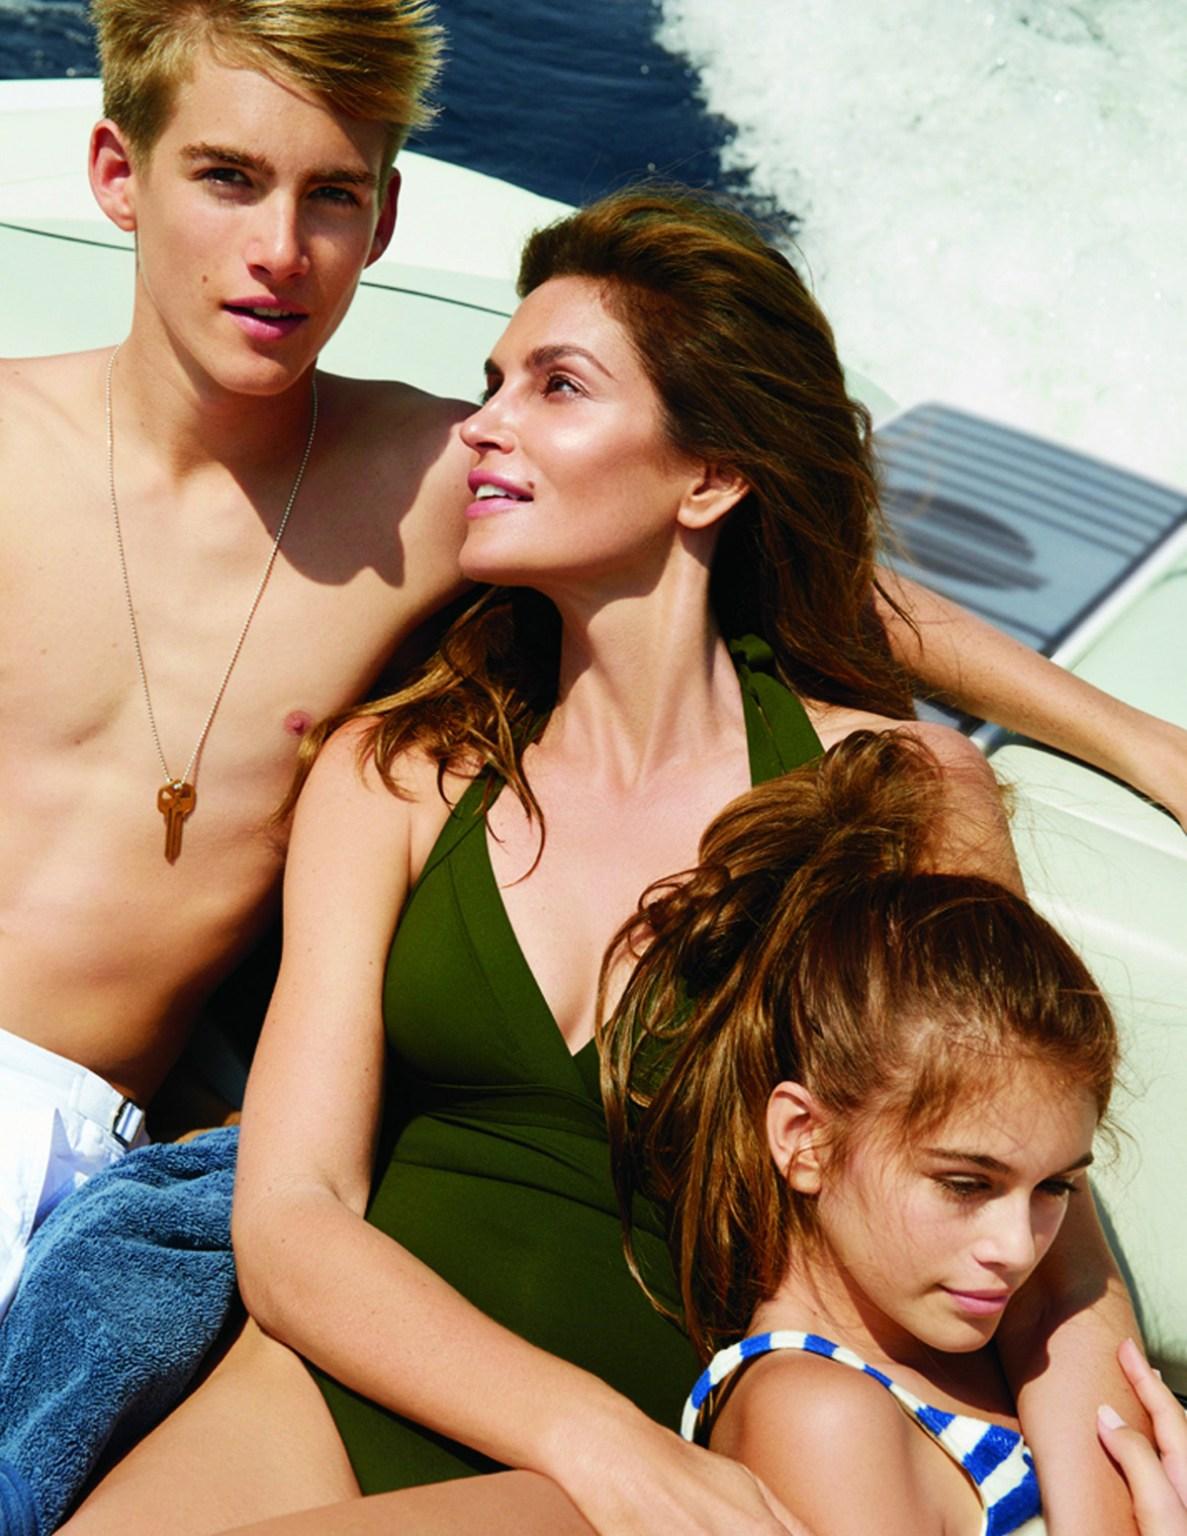 Синди Кроуфорд. Децата на Синди – синът й Пресли Гербер и дъщеря й Кая Гербер, вече са по-известни от майка си. Особено Кая, която на 18 години вече е супермодел и мега инфлуенсър. Първата й фотосесия за Vogue (2015 г.) обаче не е самостоятелна, а с майка й и брат й.